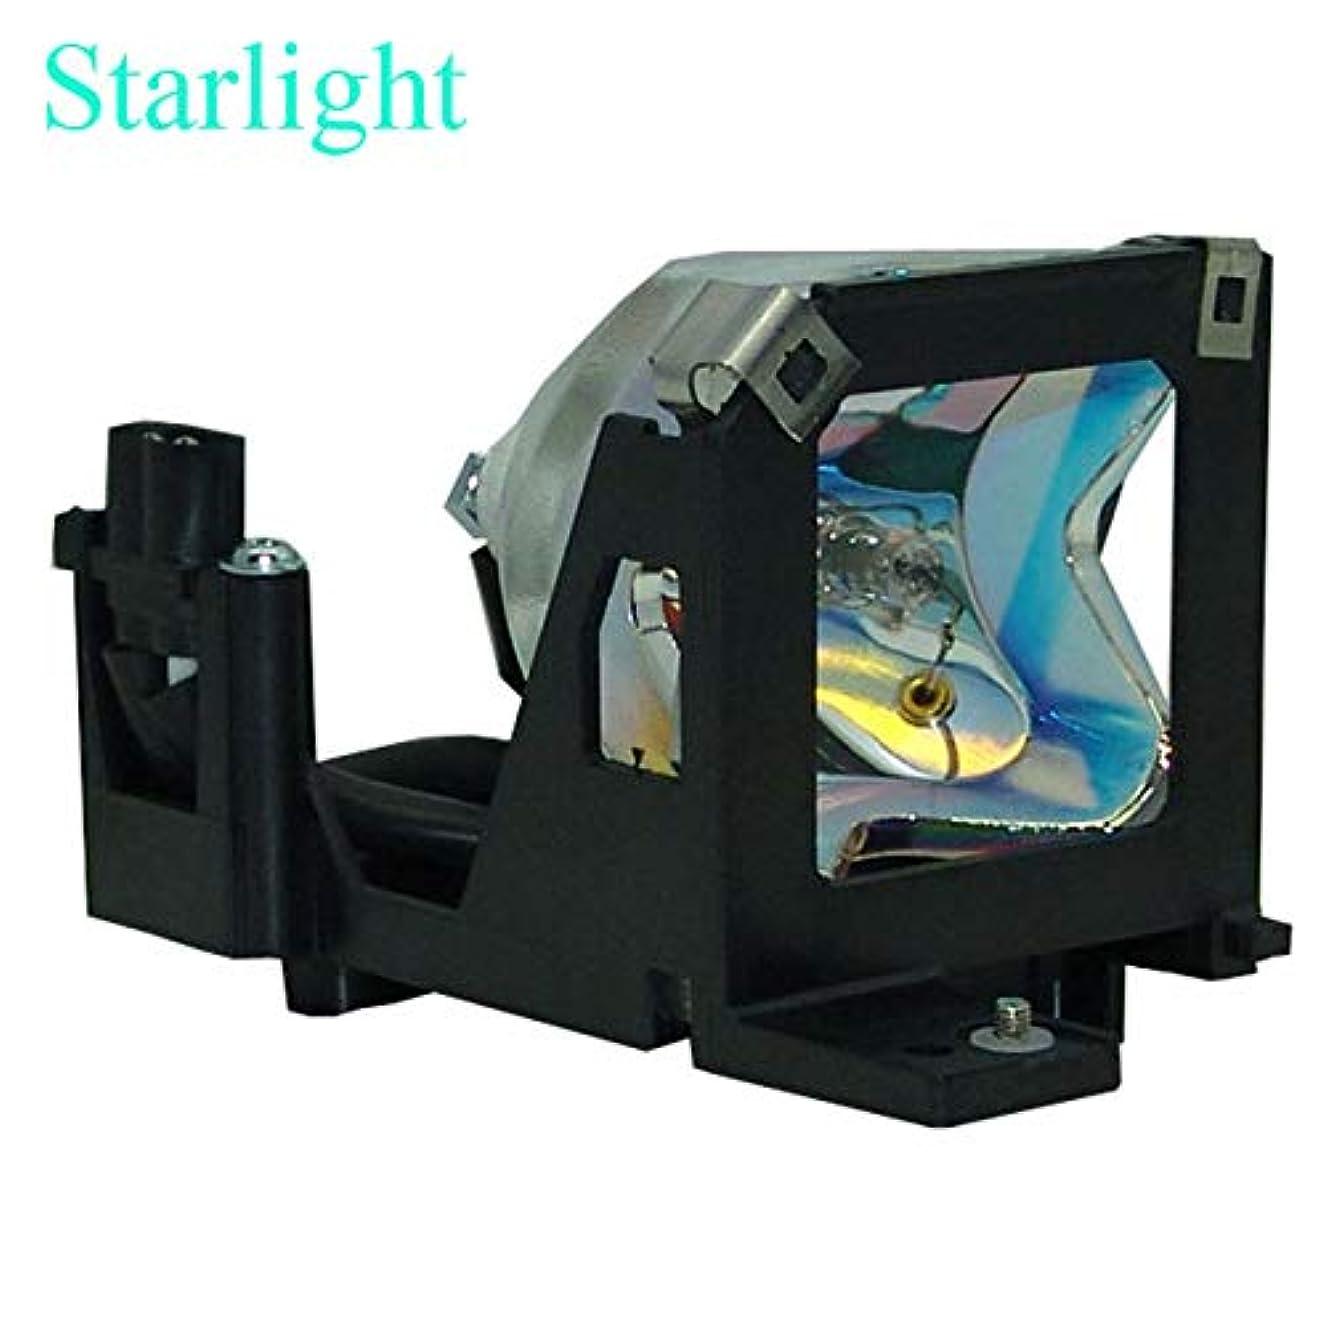 招待有益な決してプロジェクター電球EMP-TW10 / EMP-S1 / POWERLITE S1 / CP-HS1000 / CP-S225 ELP25 V13H010L25対応ランプ